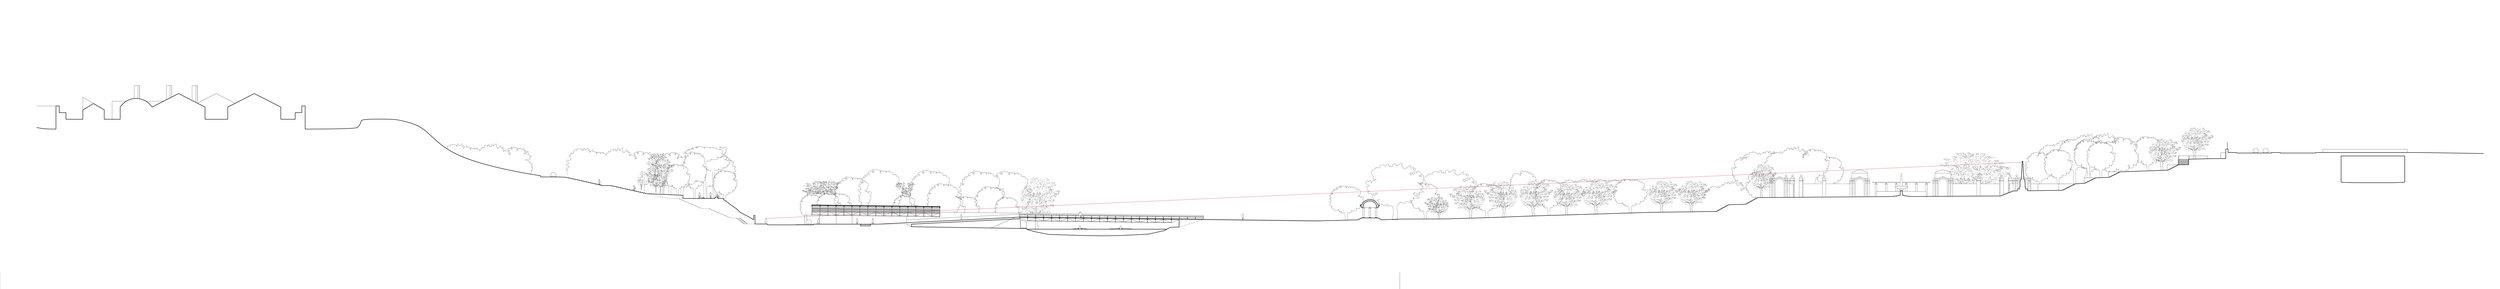 Section_Long.jpg